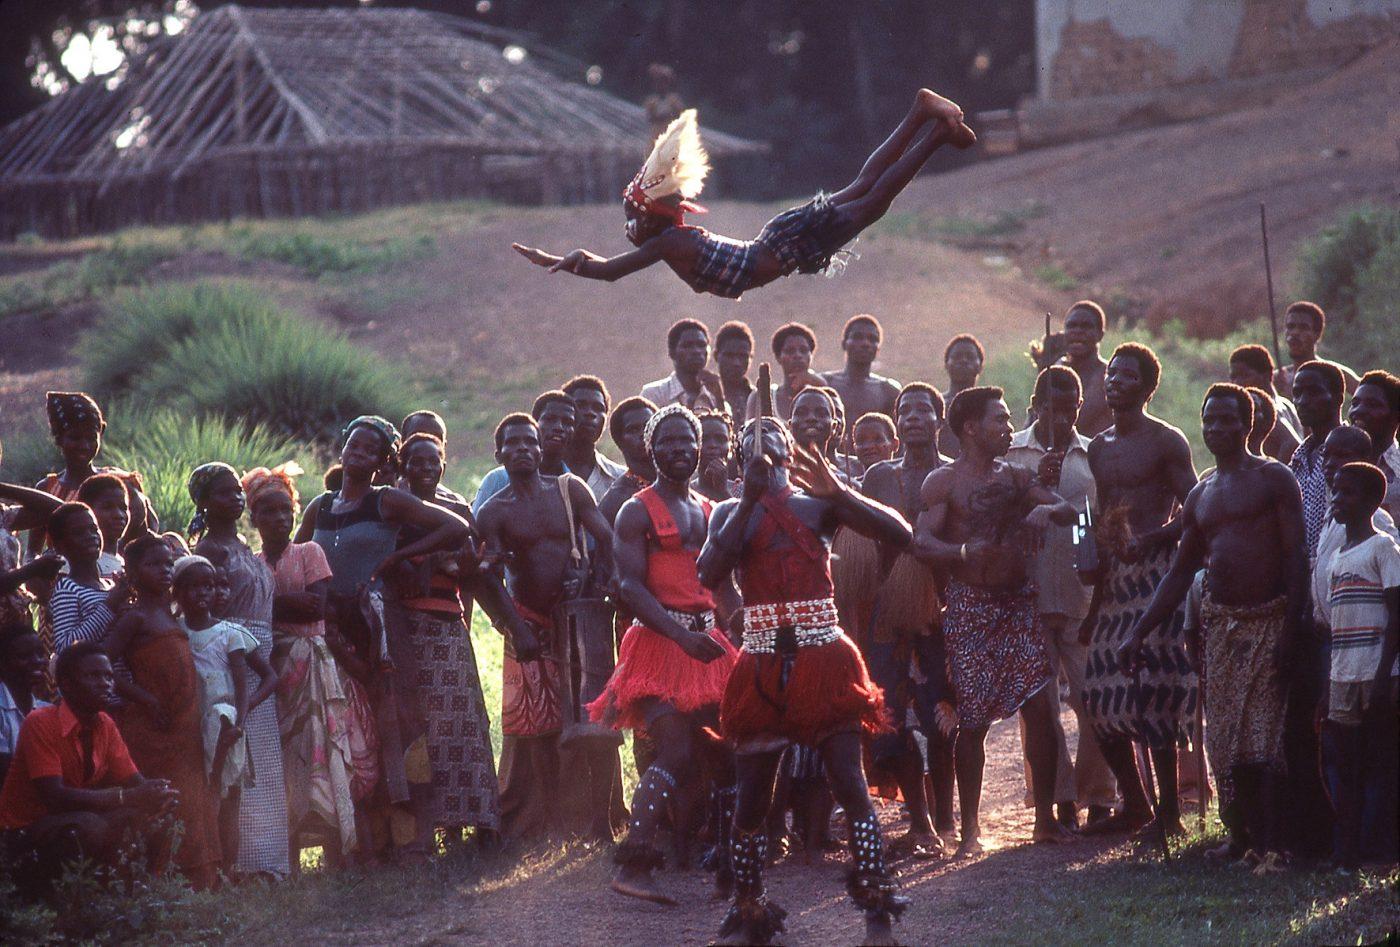 Côte d'Ivoire_Region de Man_frontiere Liberia_les jongleurs d'enfants_1996_duplicata parution National Geographic